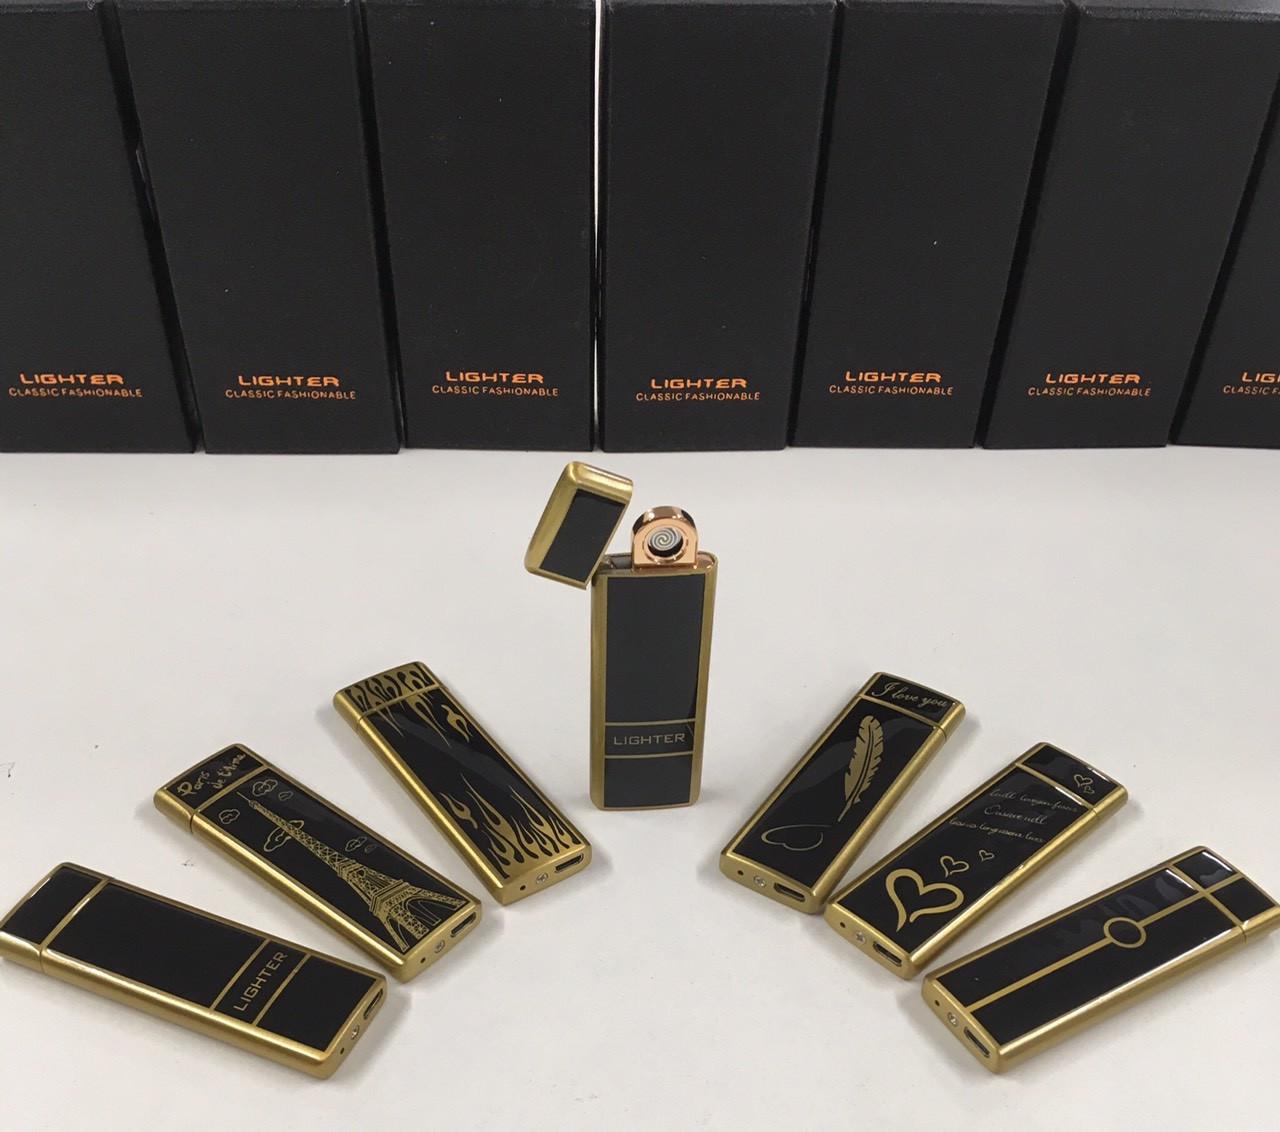 Металлическая беспламенная зажигалка Lighter classic fashionable для сигарет аккумуляторная электронная с USB